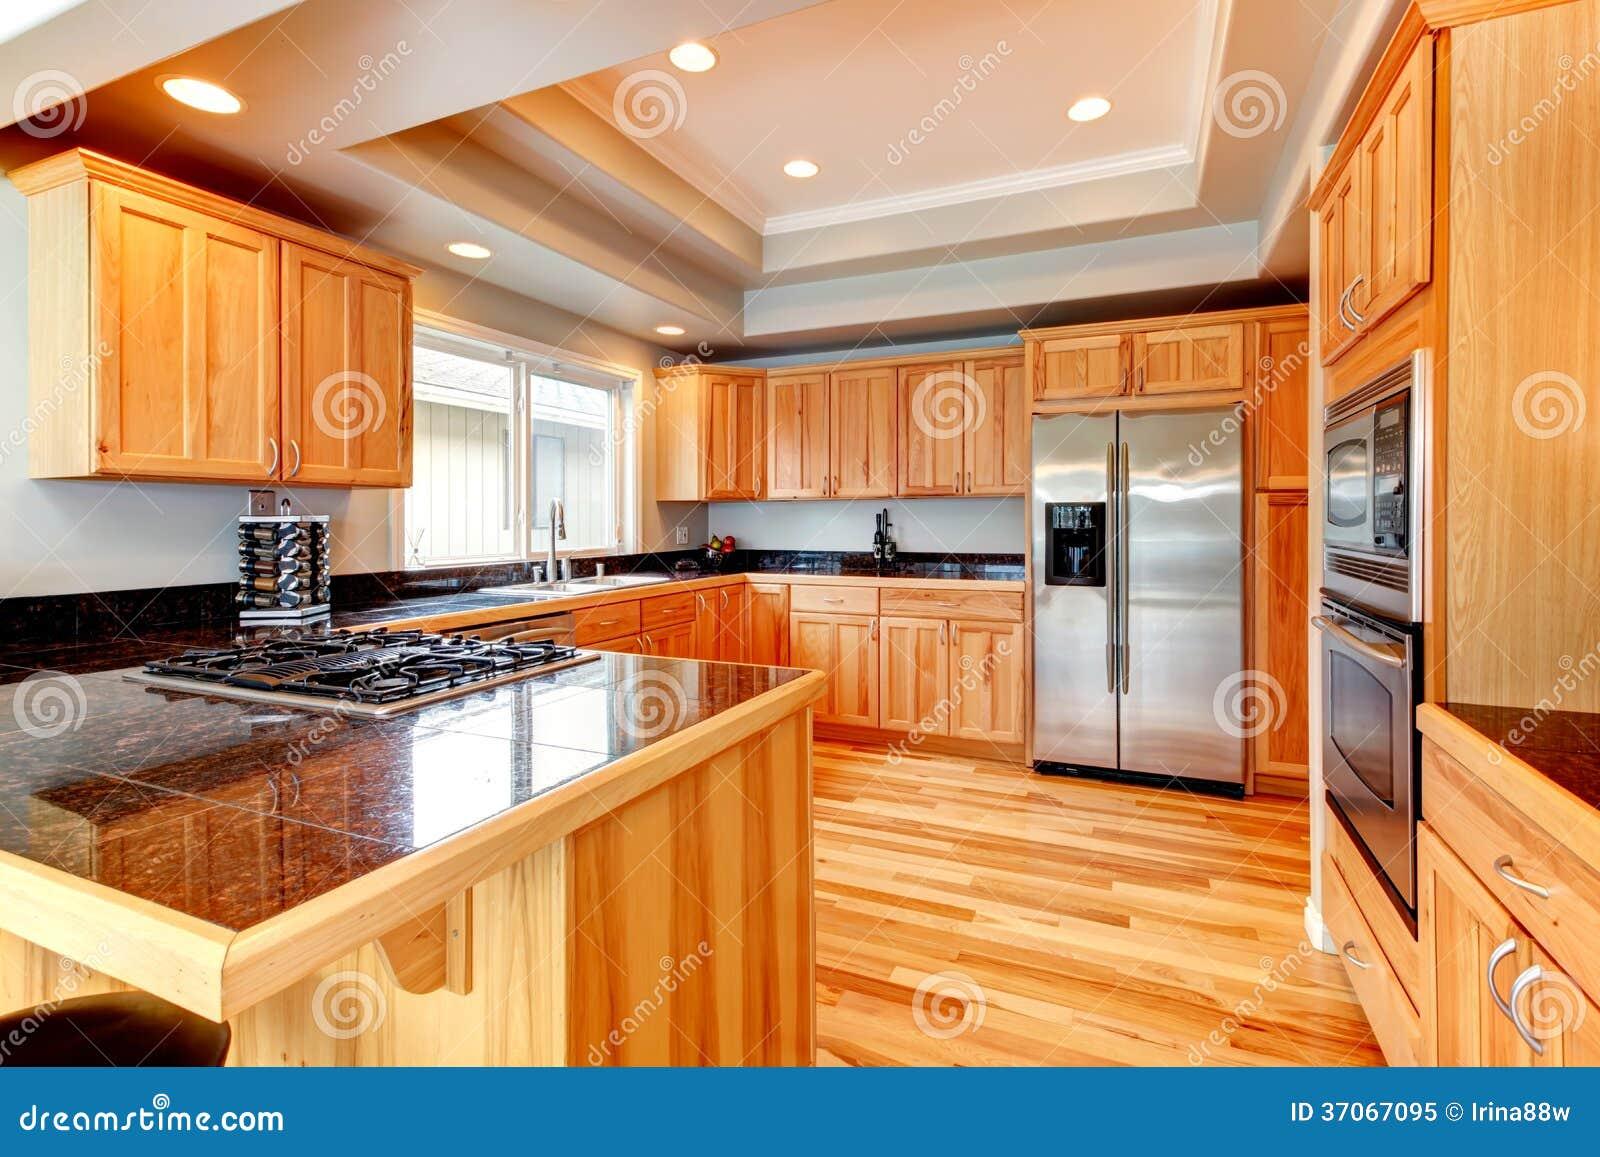 Cuisine en bois lumineuse avec le plafond coffered photo libre de droits image 37067095 for Plafond de cuisine en bois